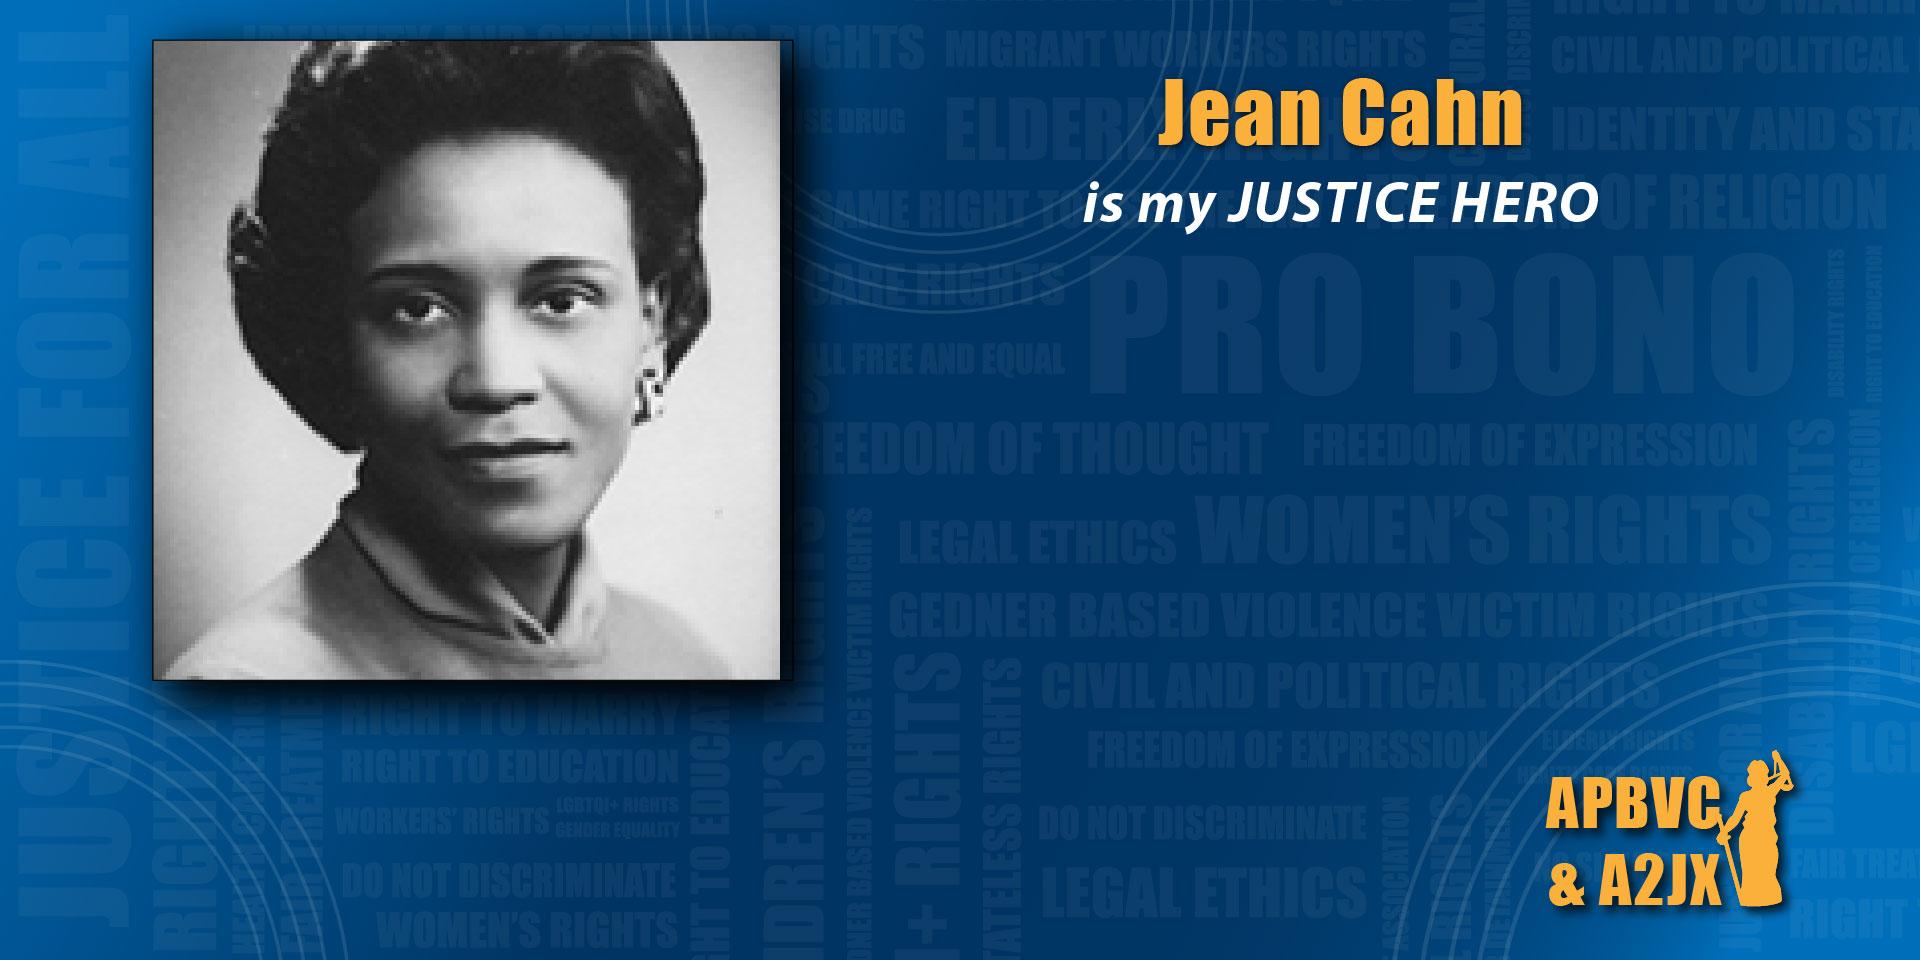 Jean Cahn